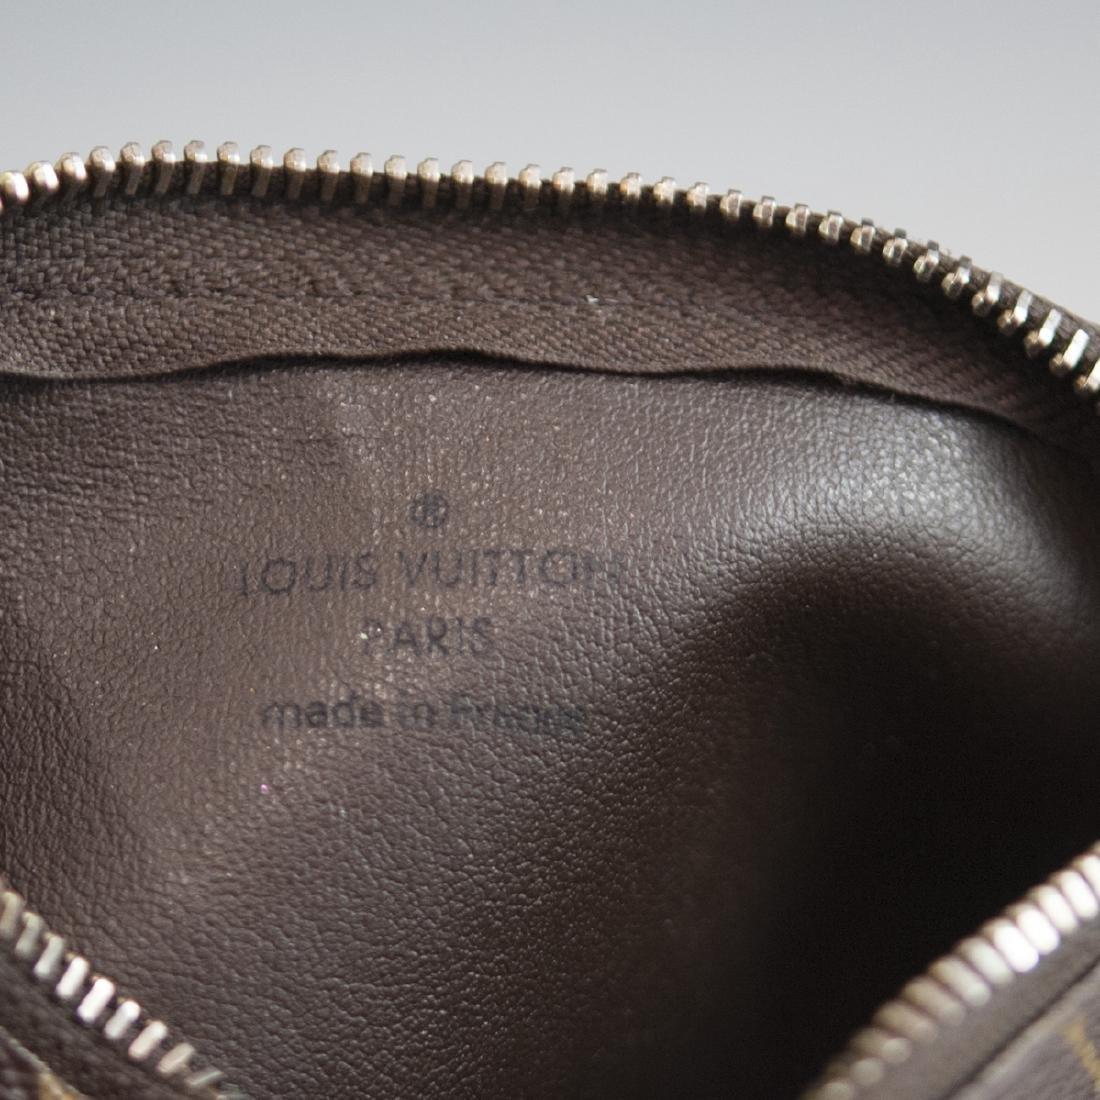 Louis Vuitton Canvas Wallet - 3